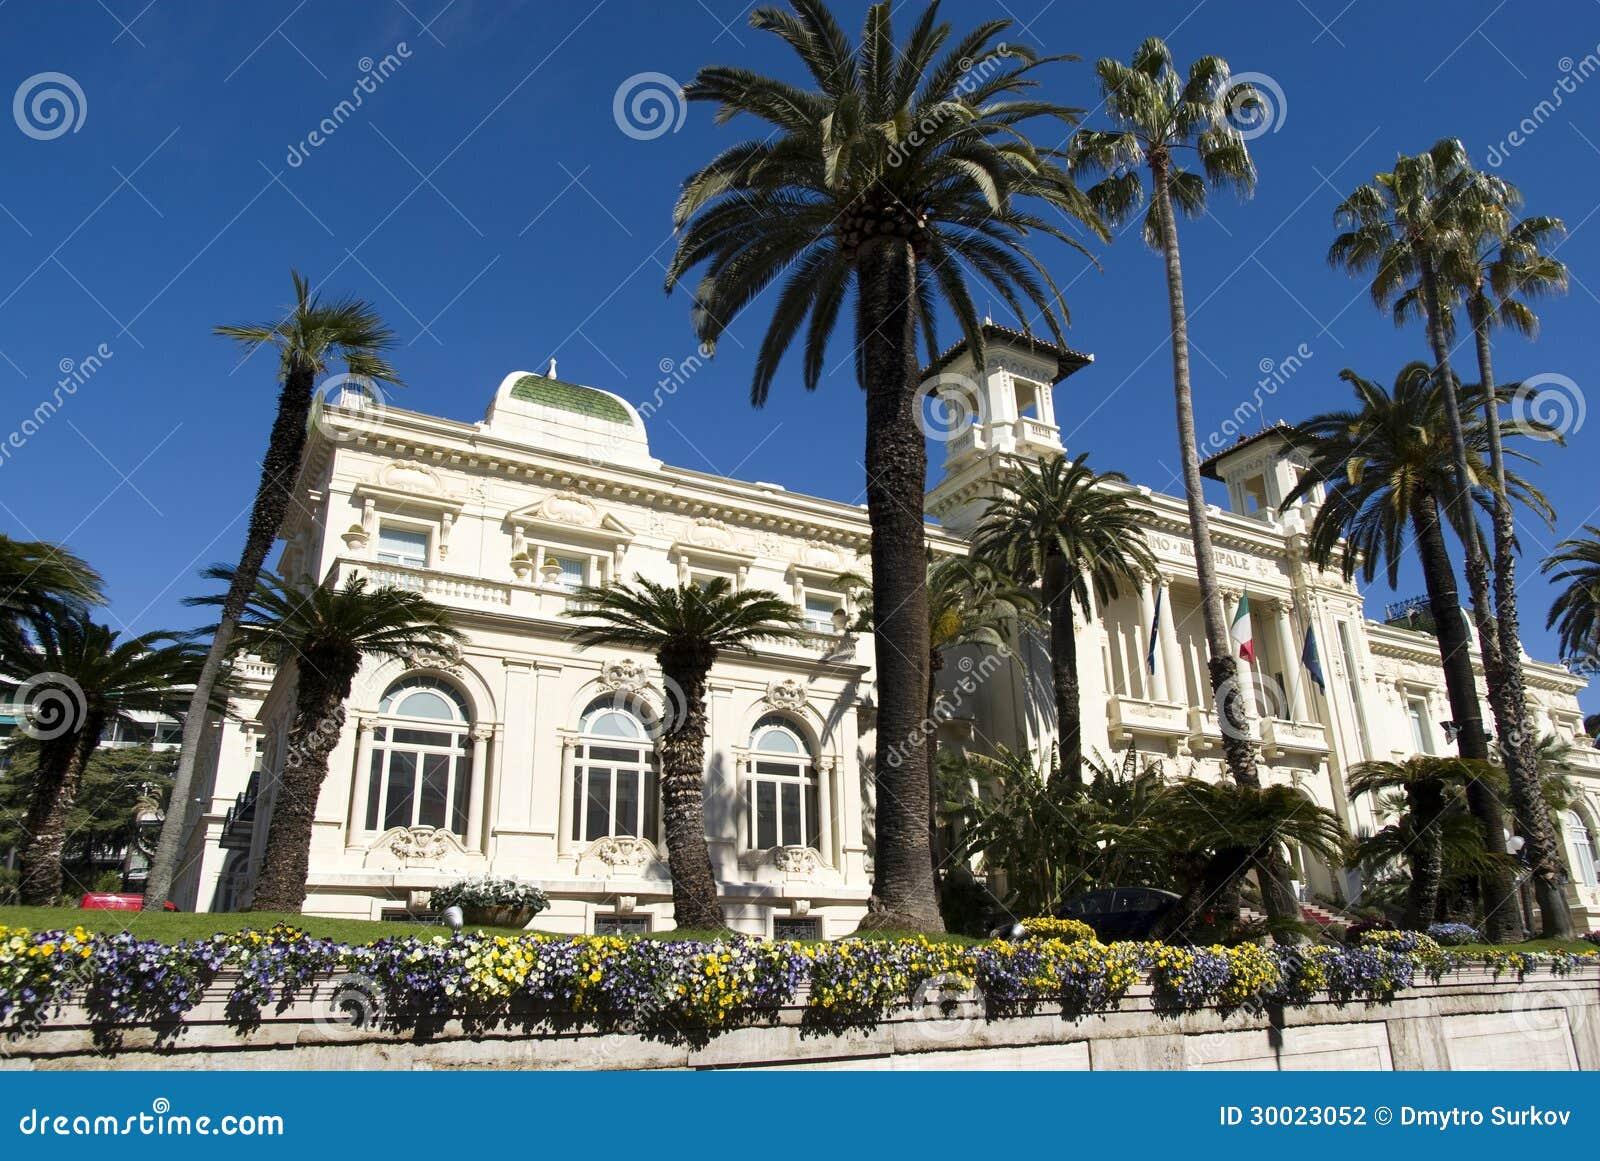 Sanremo Miejski kasyno, Włochy